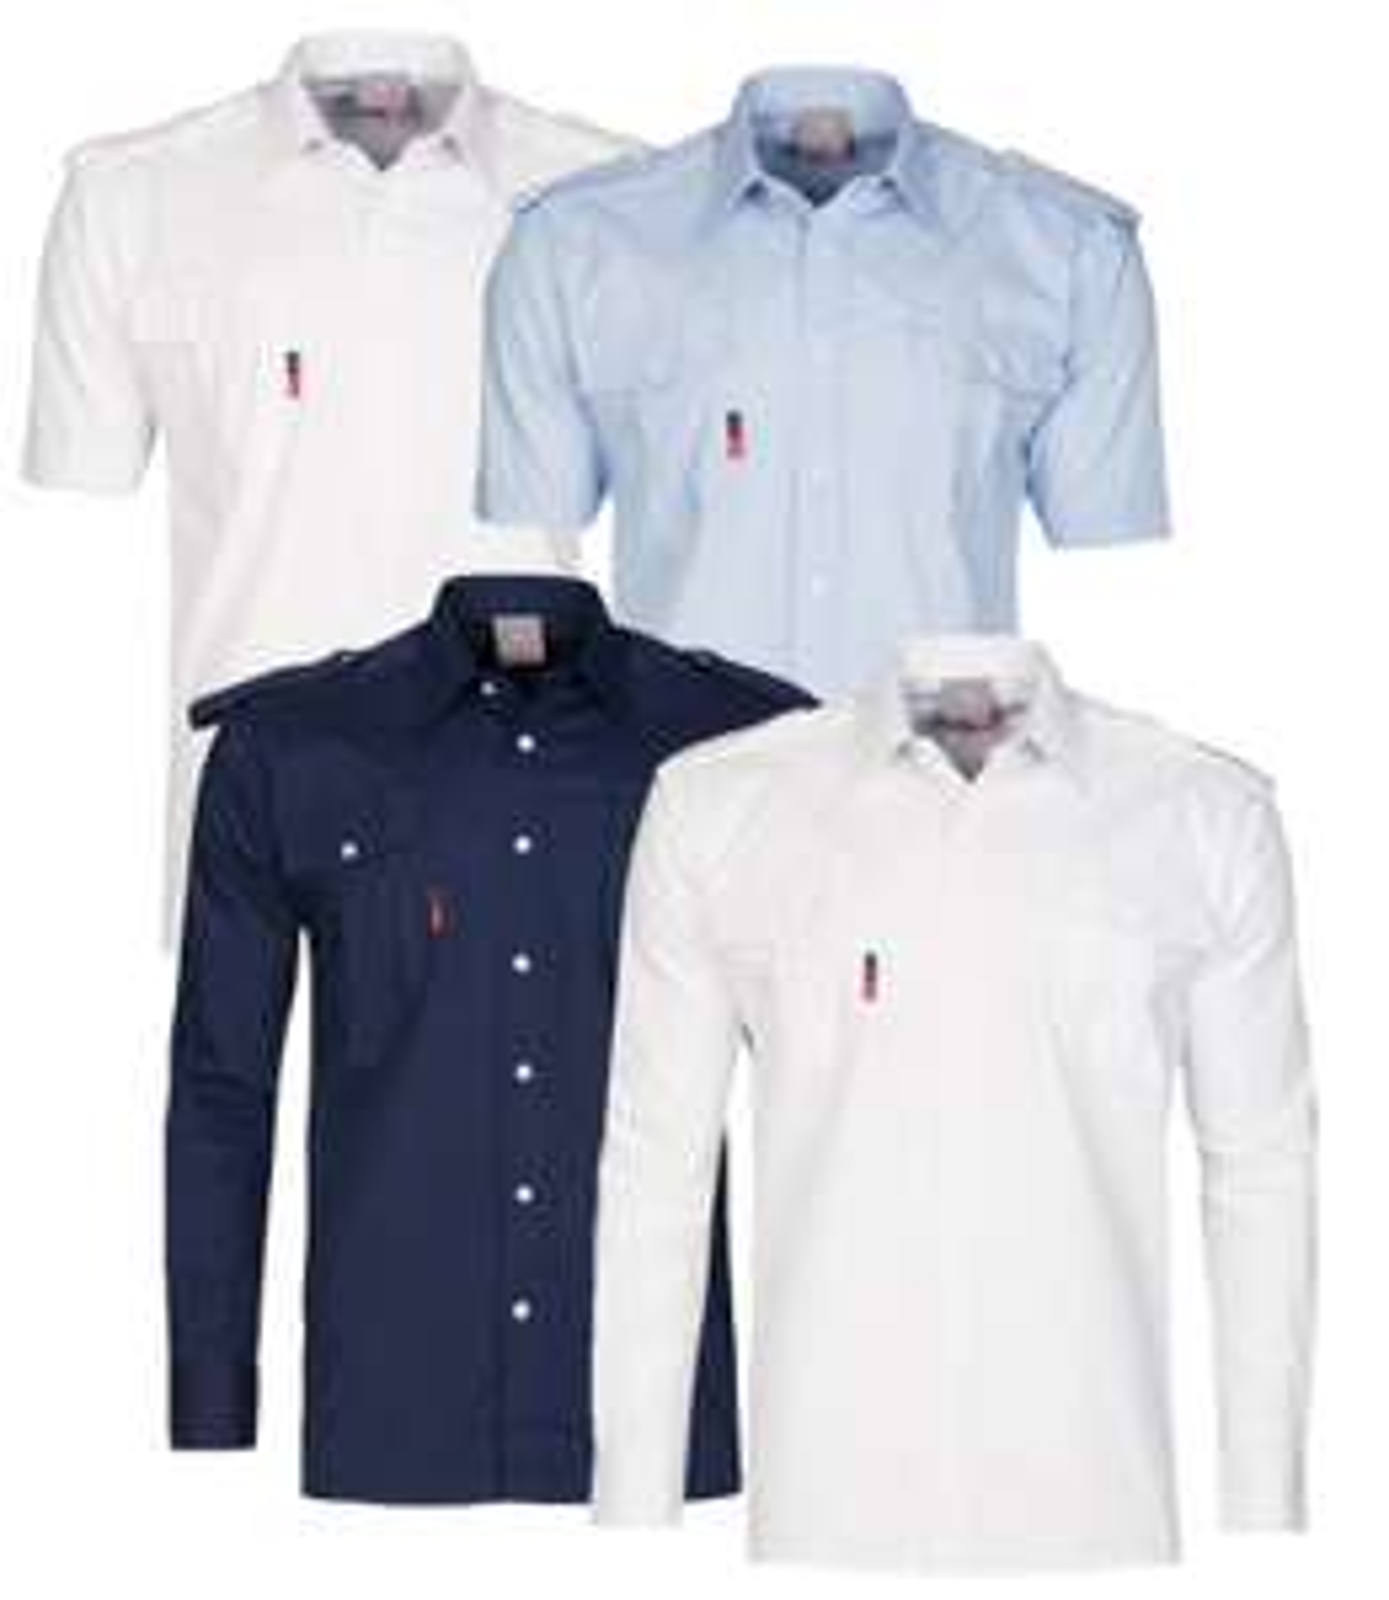 (Outlet46) Fristads Kansas Herren Hemden für 99 Cent